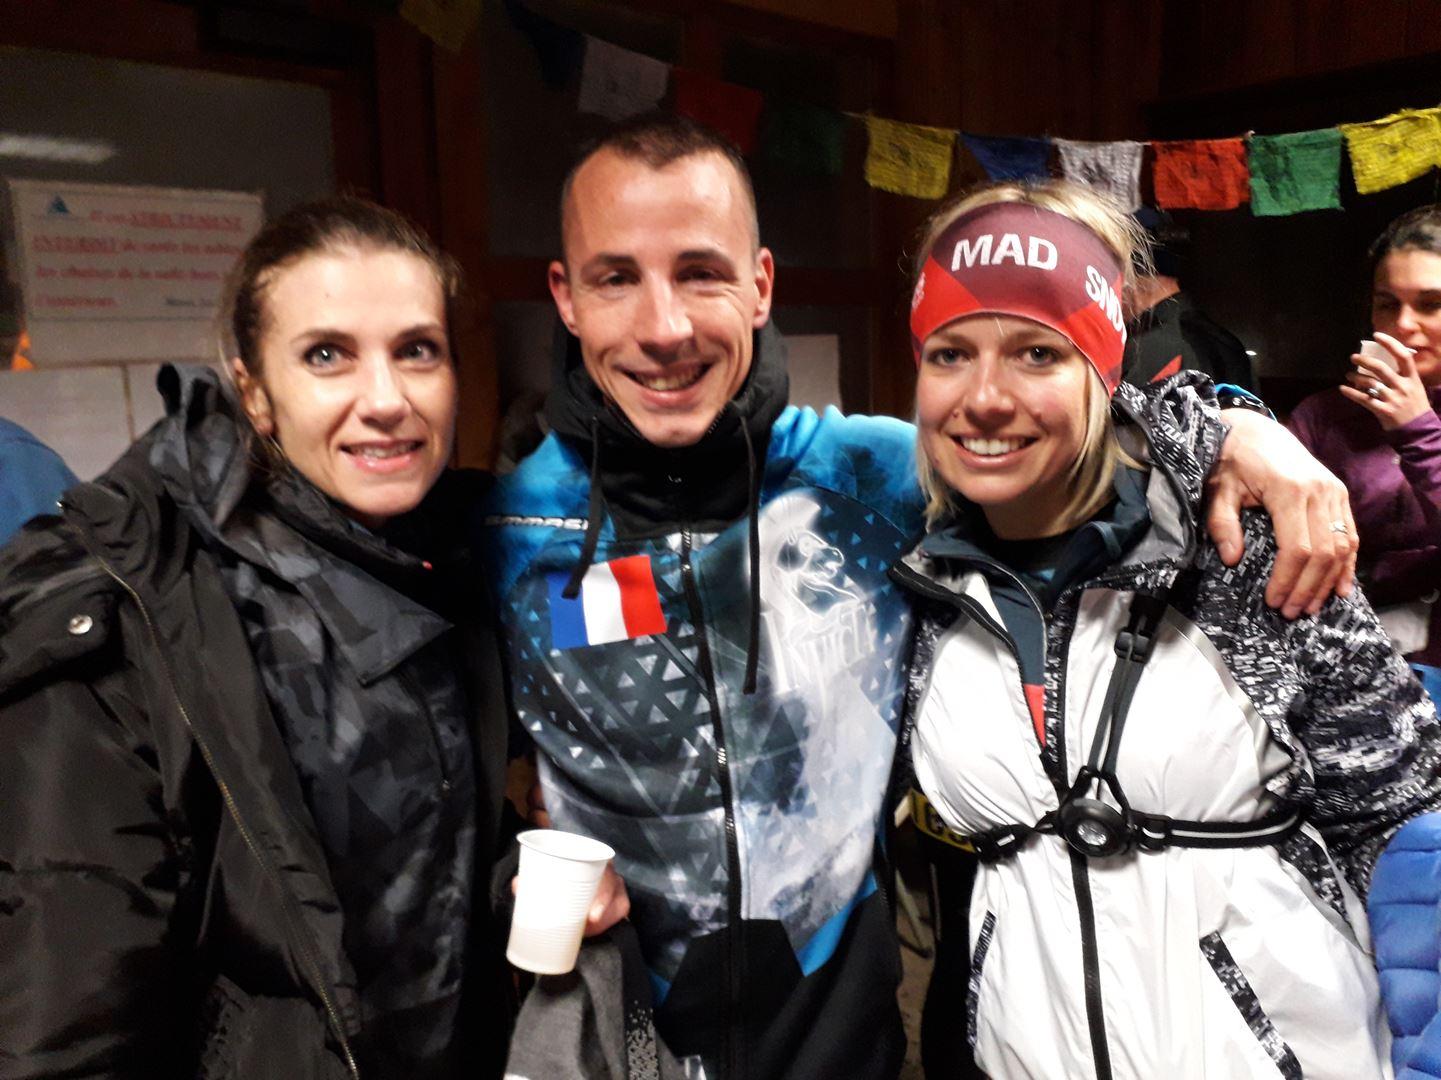 Aurélie Chrystelle et Jonathan - RESULTATS ET PHOTOS DU WINTER SIBOTRAIL LANS EN VERCORS (07/03/2020)